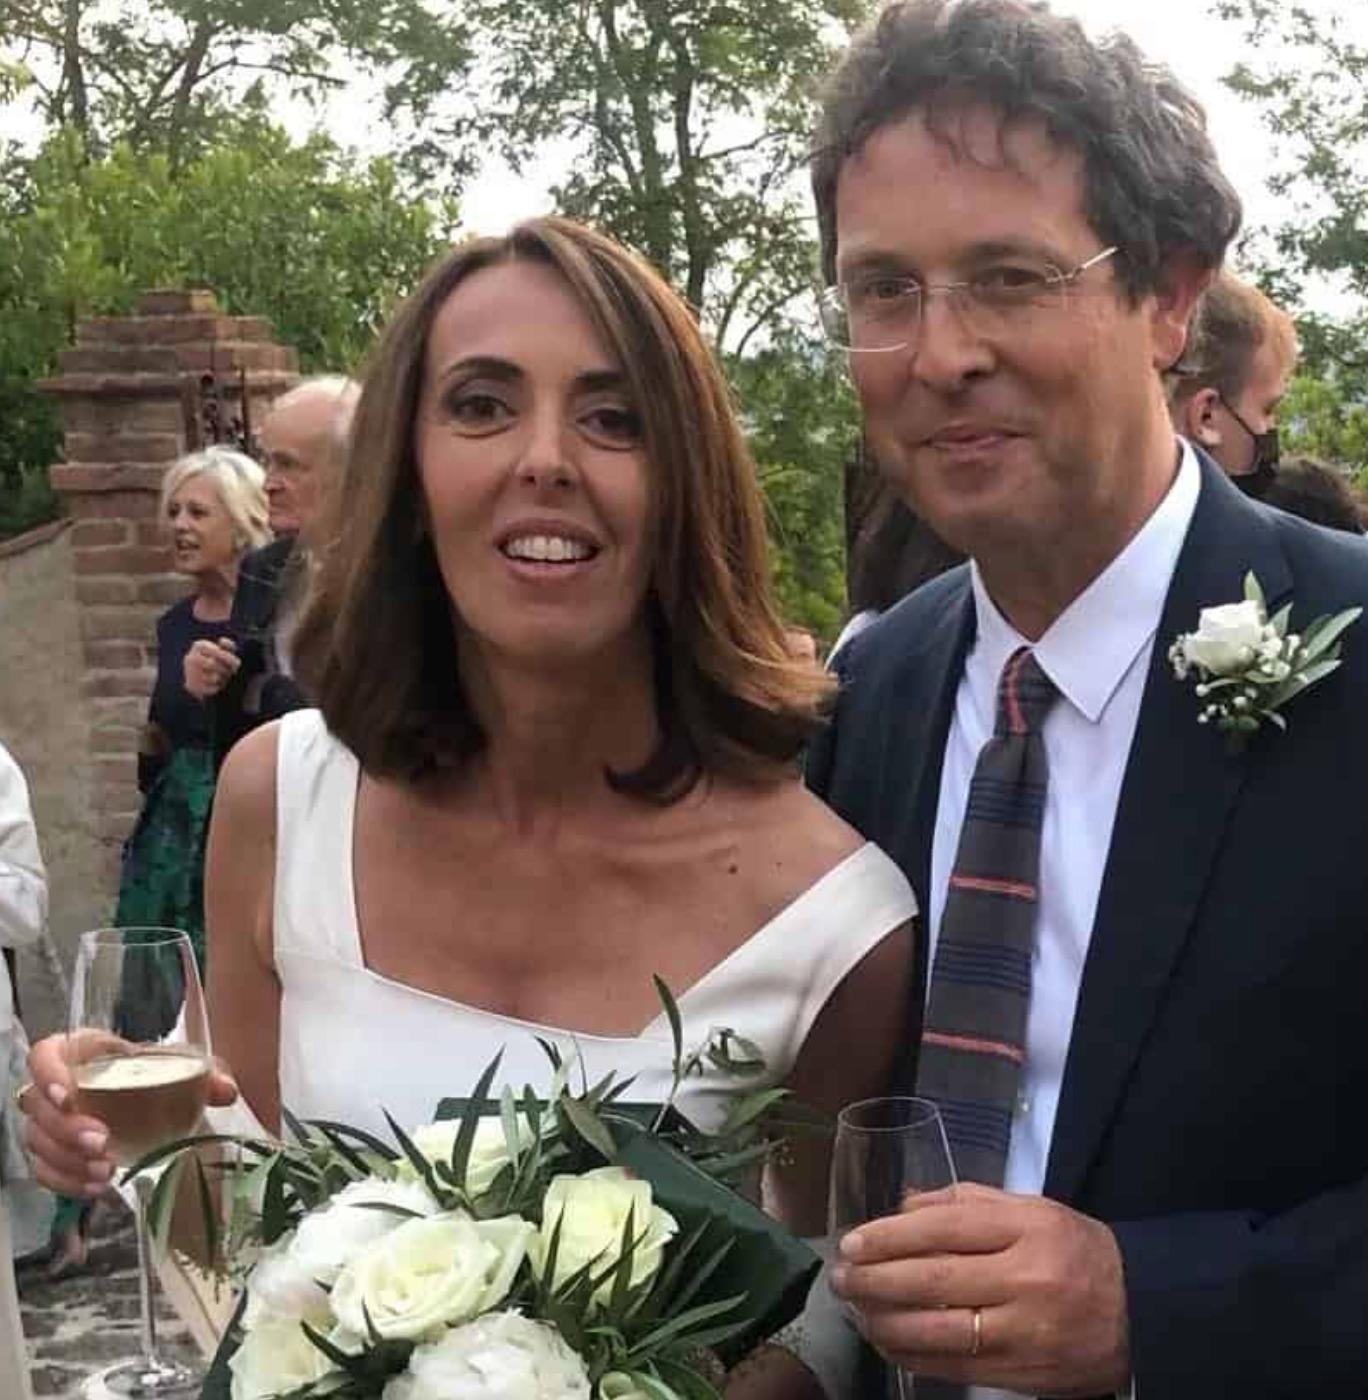 alessandra sardoni sposata matrimonio marito